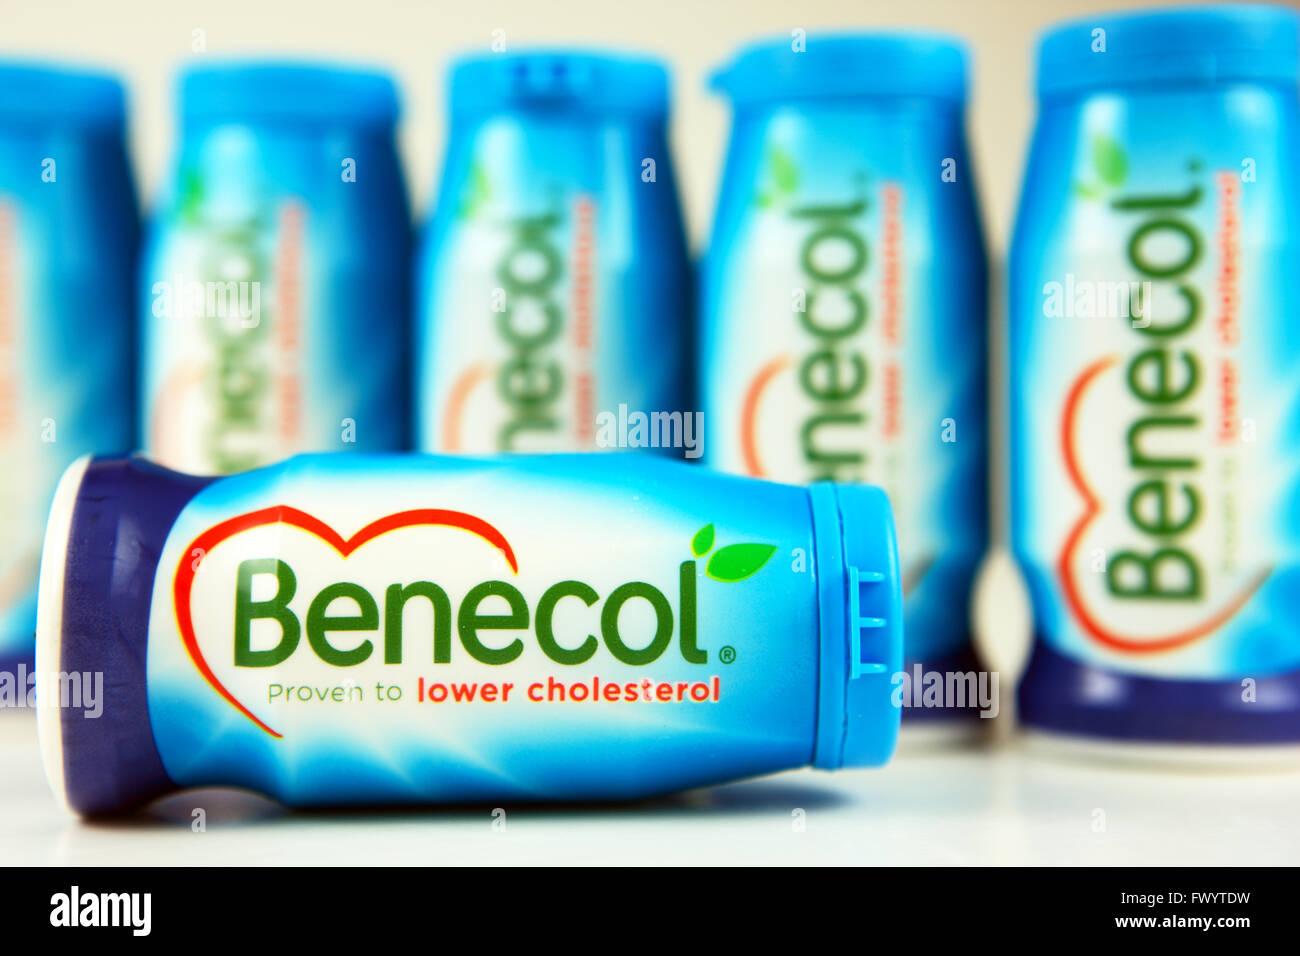 Benecol ist ein Cholesterin senkende Lebensmittel im Besitz von Raisio Group ein finnisches Unternehmen Stockbild